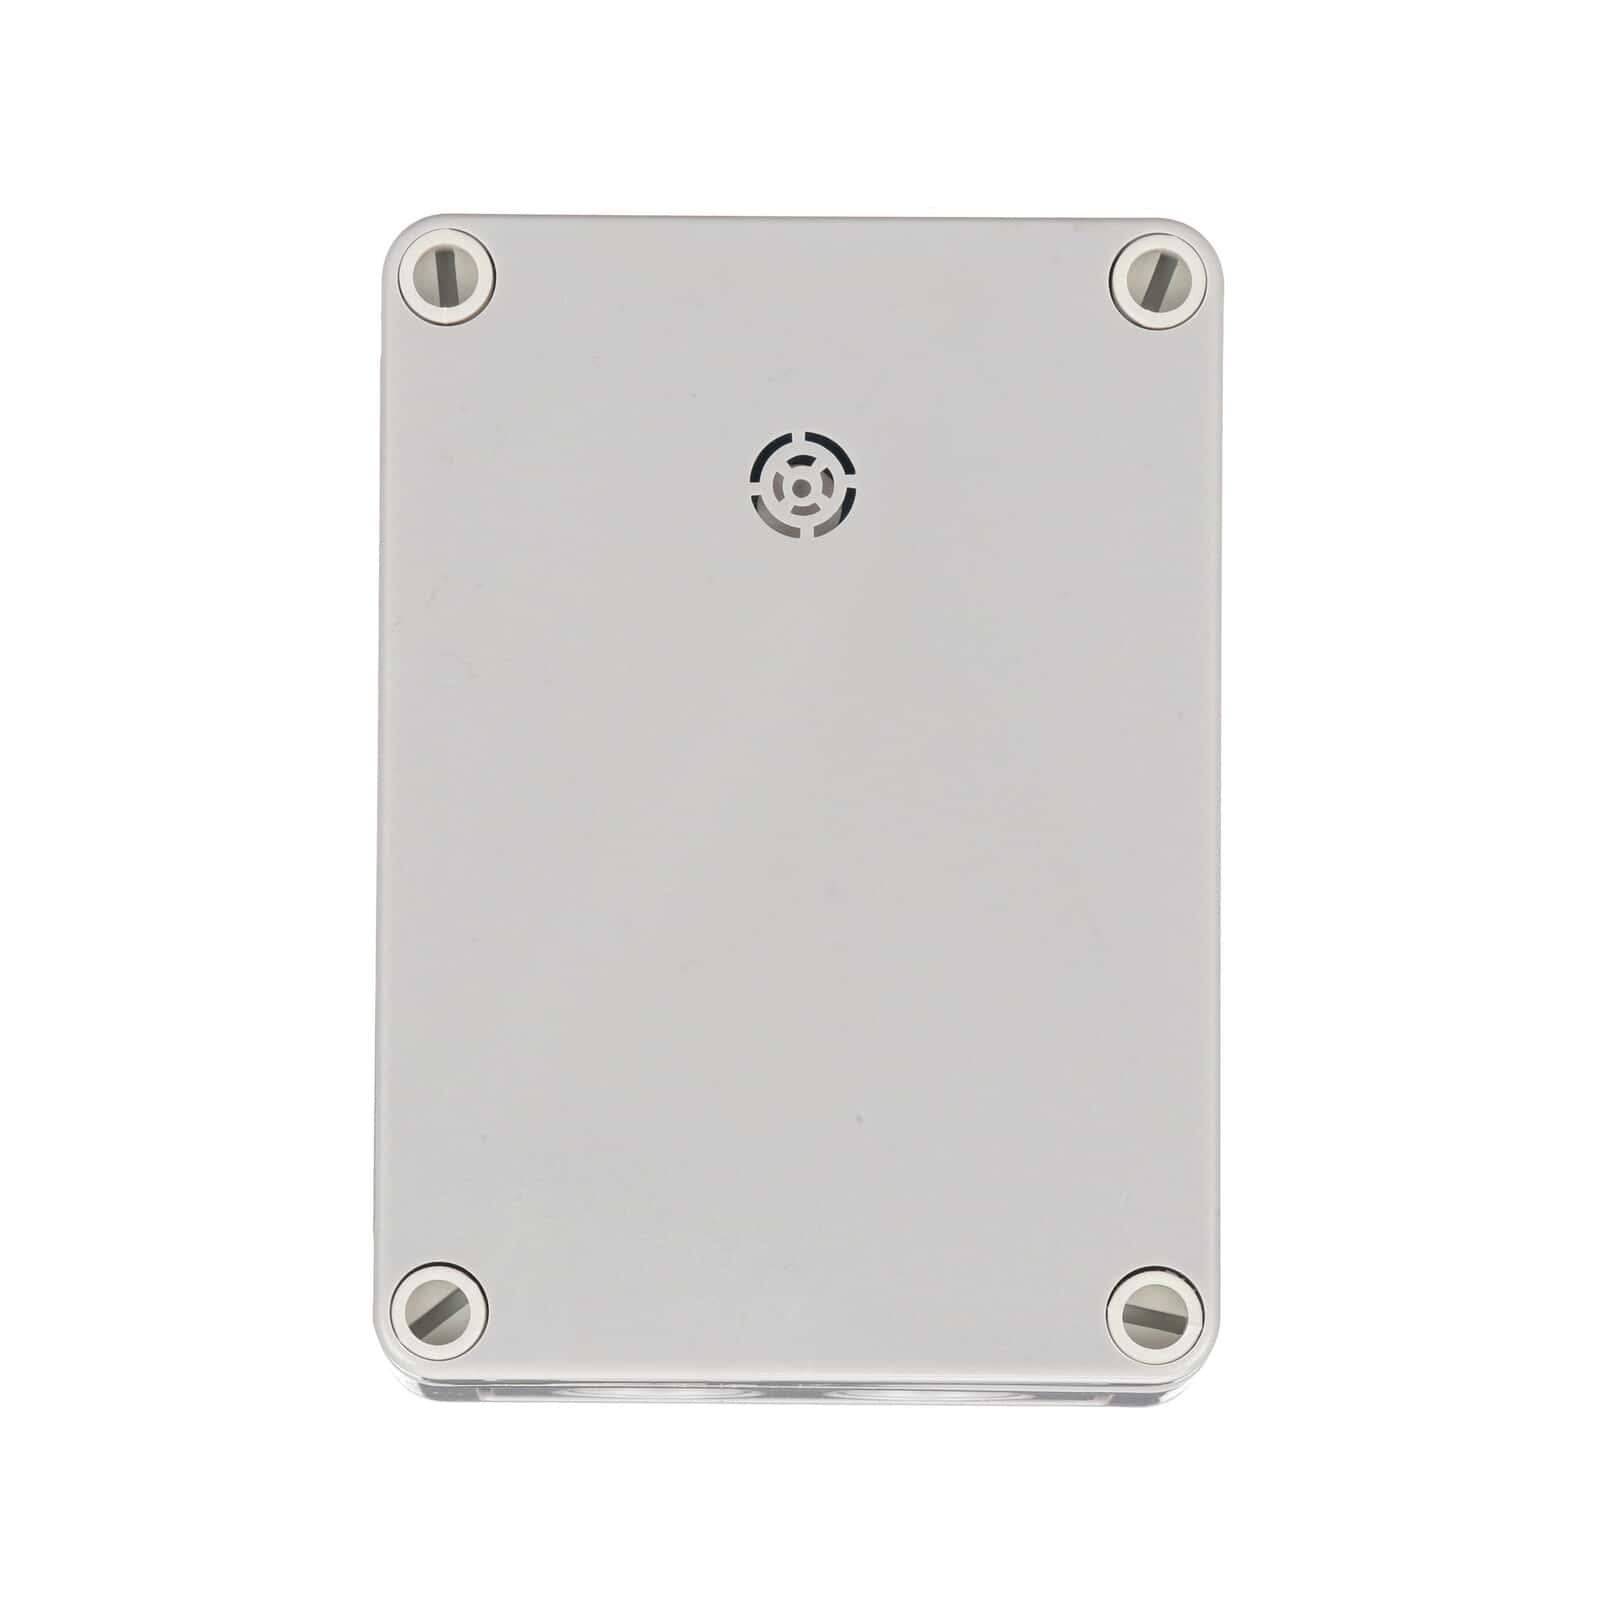 Series GSTC | Carbon Monoxide/Nitrogen Dioxide Gas